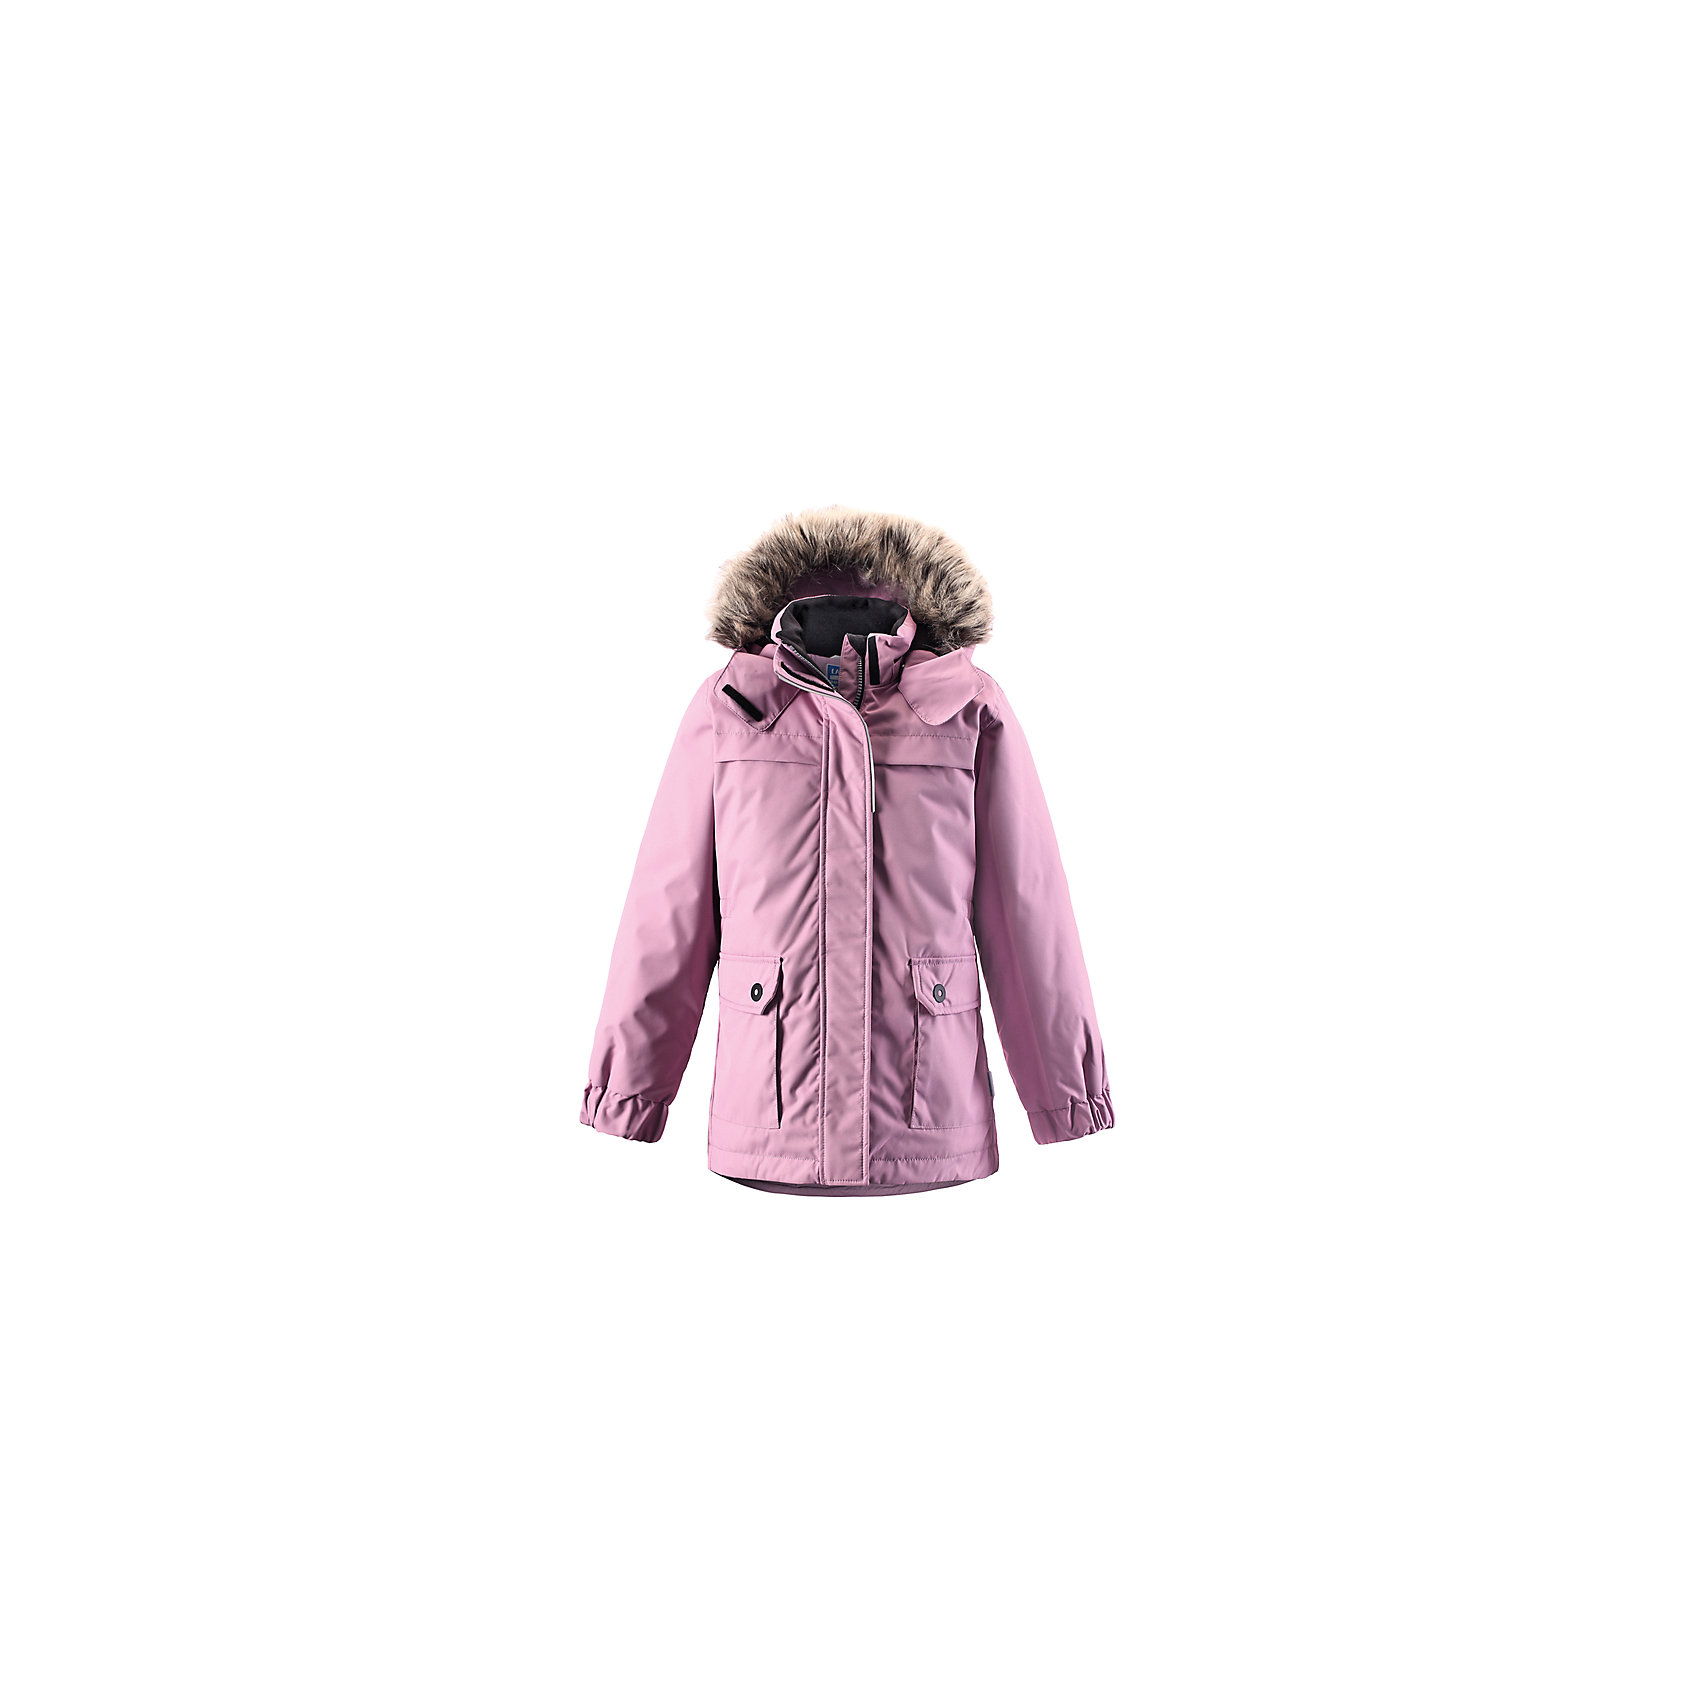 Куртка LASSIEЗимняя куртка для детей известной финской марки.<br><br>- Водоотталкивающий, ветронепроницаемый, «дышащий» и грязеотталкивающий материал.<br>- Крой для девочек.<br>- Гладкая подкладка из полиэстра.<br>- Средняя степень утепления<br>-  Безопасный съемный капюшон с отсоединяемой меховой каймой из искусственного меха. <br>- Эластичные манжеты. Регулируемый обхват талии.<br>-  Карманы с клапанами. <br><br> Рекомендации по уходу: Стирать по отдельности, вывернув наизнанку. Перед стиркой отстегните искусственный мех. Застегнуть молнии и липучки. Соблюдать температуру в соответствии с руководством по уходу. Стирать моющим средством, не содержащим отбеливающие вещества. Полоскать без специального средства. Сушение в сушильном шкафу разрешено при  низкой температуре.<br><br>Состав: 100% Полиамид, полиуретановое покрытие.  Утеплитель «Lassie wadding» 180гр.<br><br>Ширина мм: 356<br>Глубина мм: 10<br>Высота мм: 245<br>Вес г: 519<br>Цвет: розовый<br>Возраст от месяцев: 108<br>Возраст до месяцев: 120<br>Пол: Женский<br>Возраст: Детский<br>Размер: 140,116,92,98,104,110,122,128,134<br>SKU: 4782338